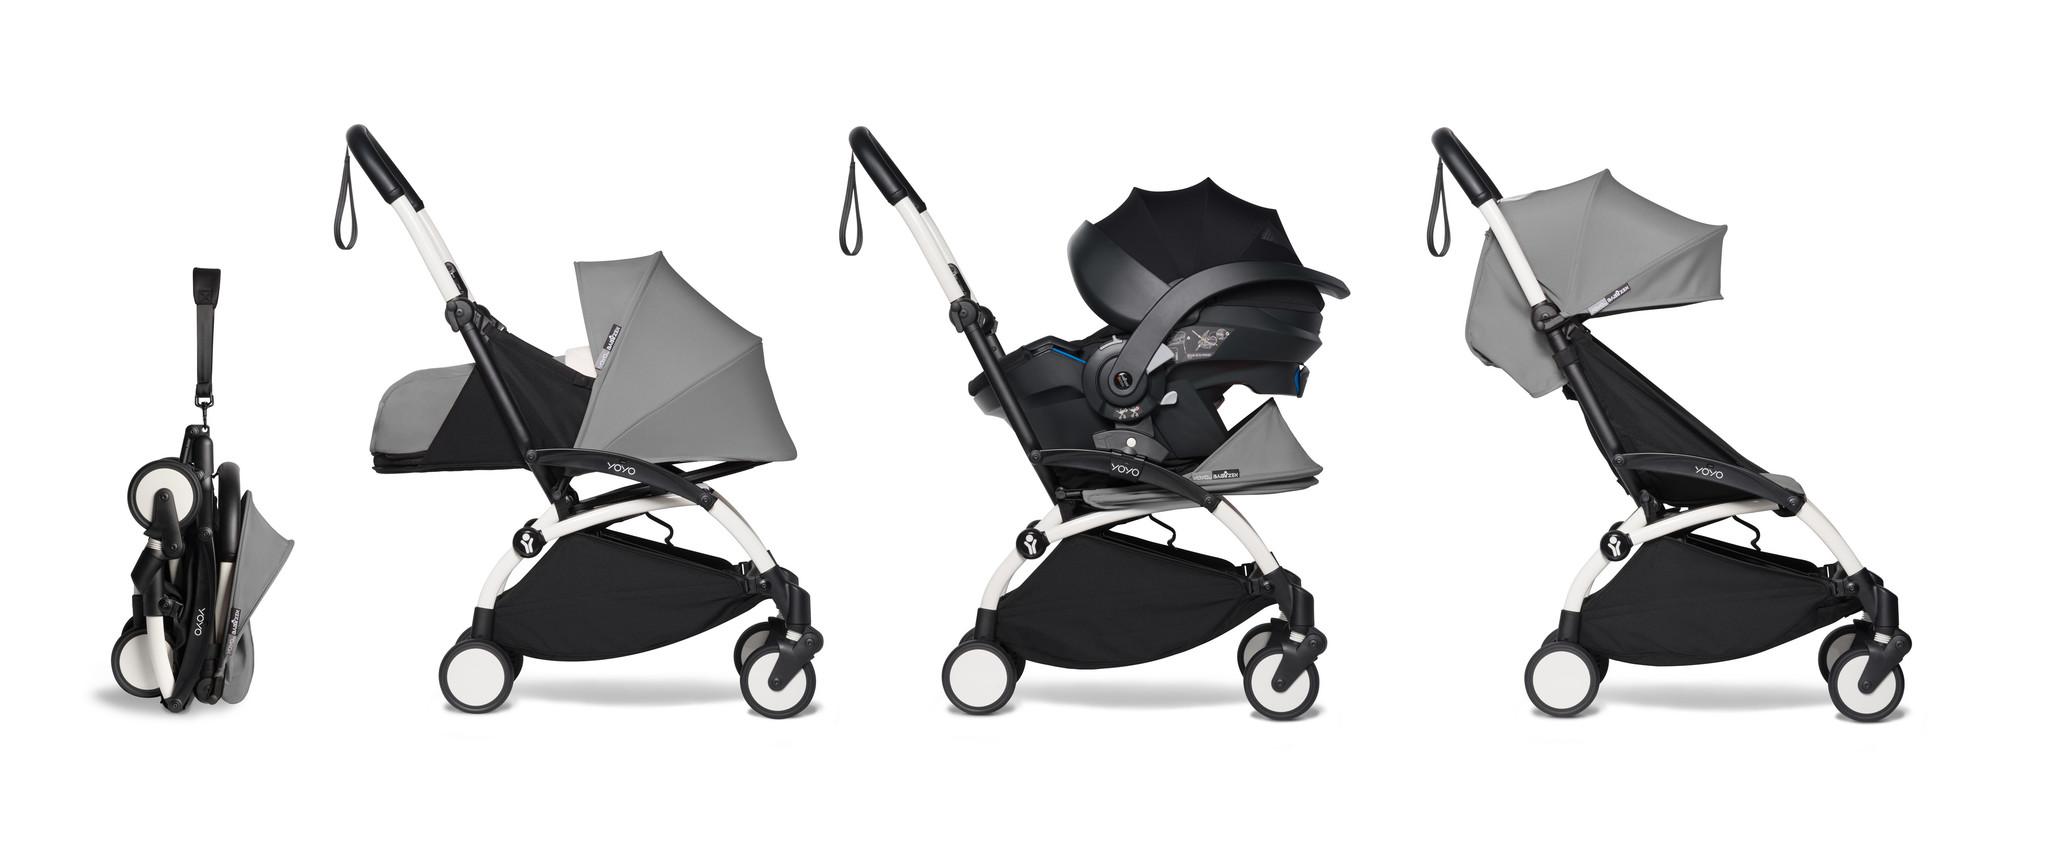 Babyzen Babyzen YOYO² Buggy KOMPLETT / VOLL SET 0+ und 6+ grauer Rahmen weiß inkl. YOYO² BeSafe Autositz schwarz